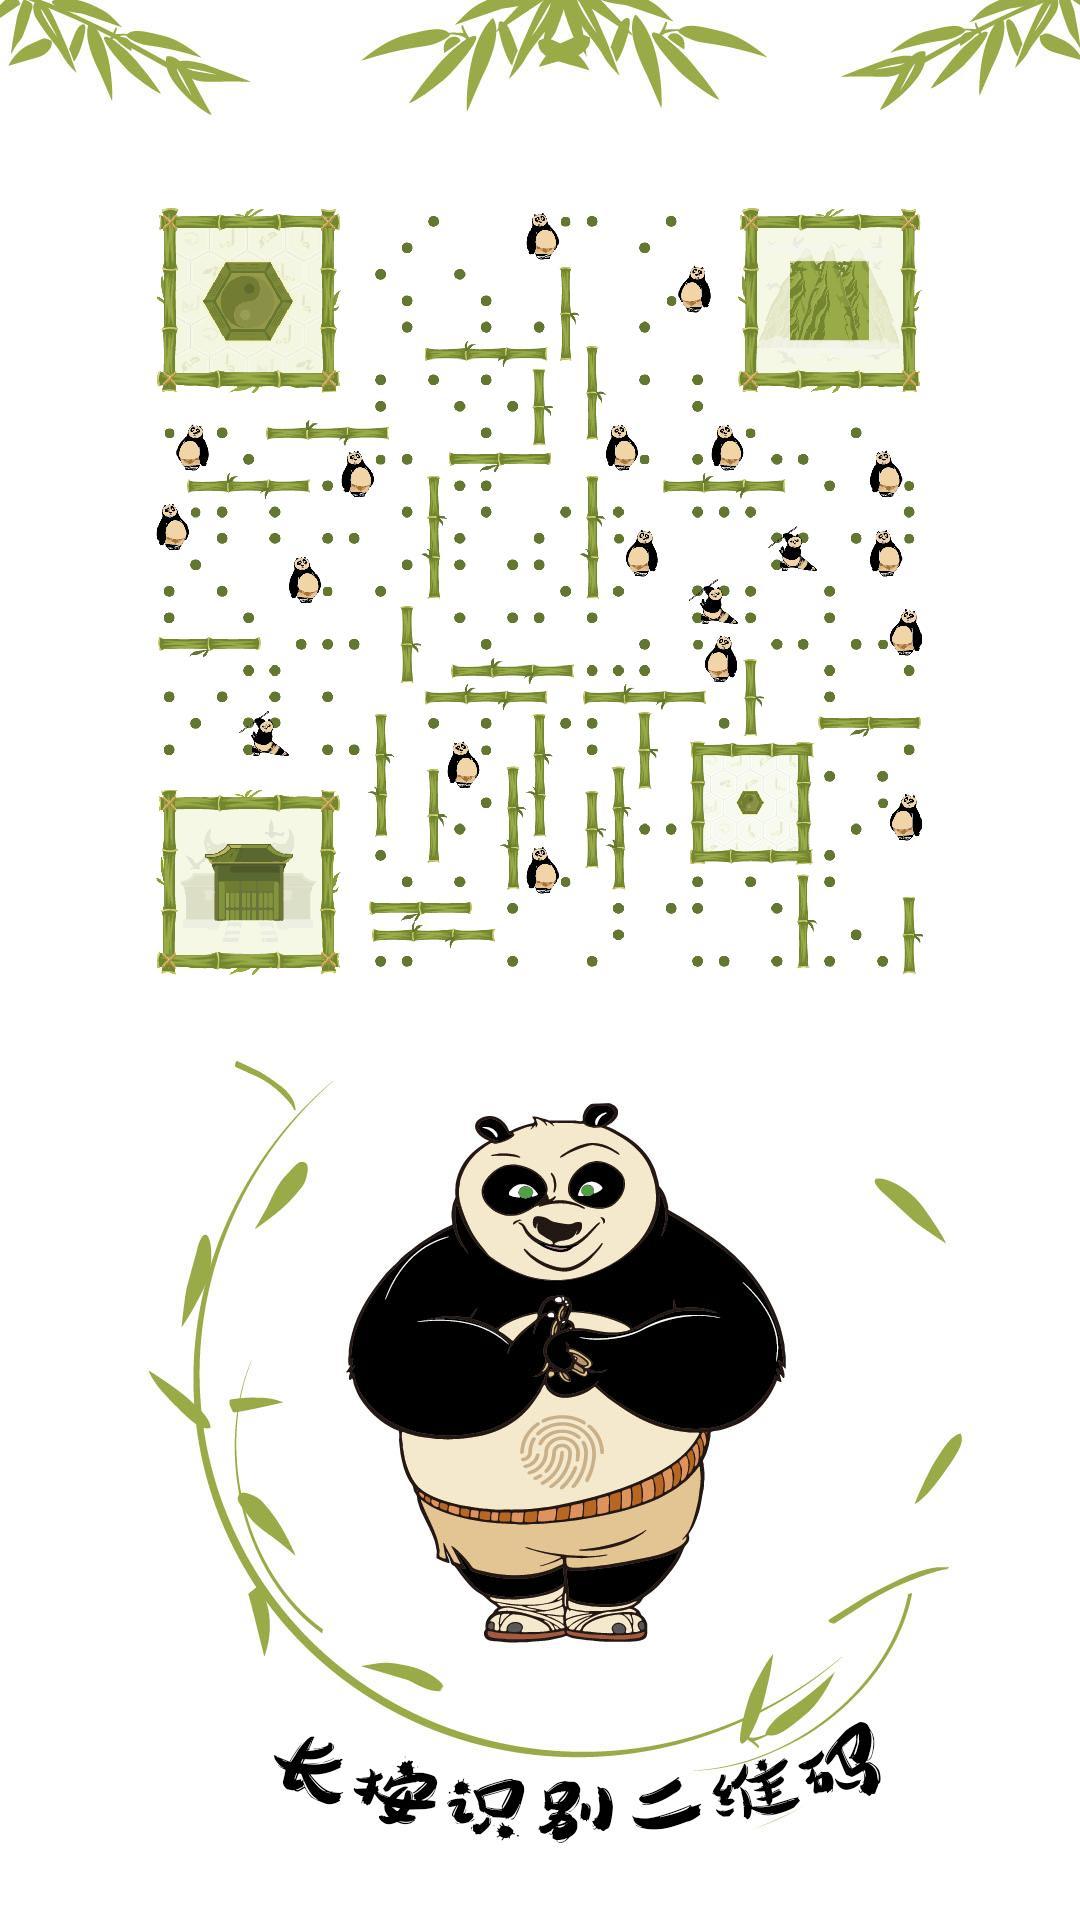 功夫熊猫 艺术二维码